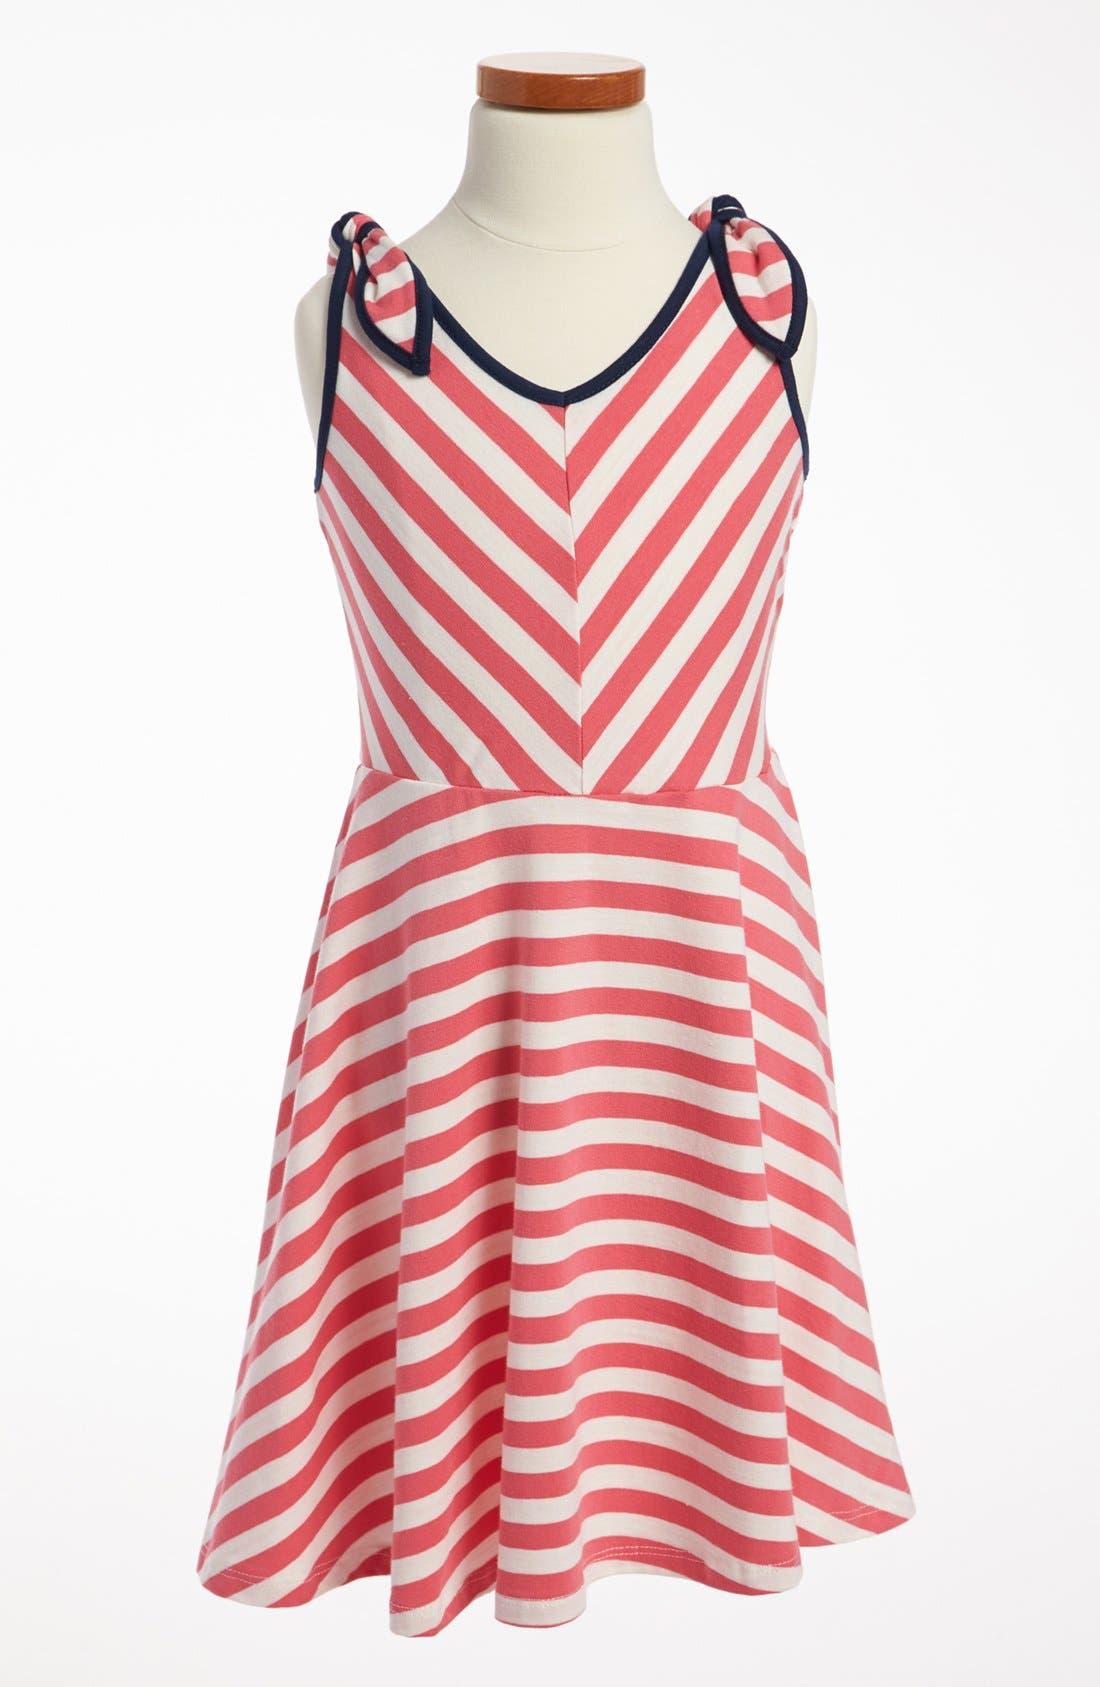 Main Image - Zunie Sleeveless Skater Dress (Little Girls & Big Girls)